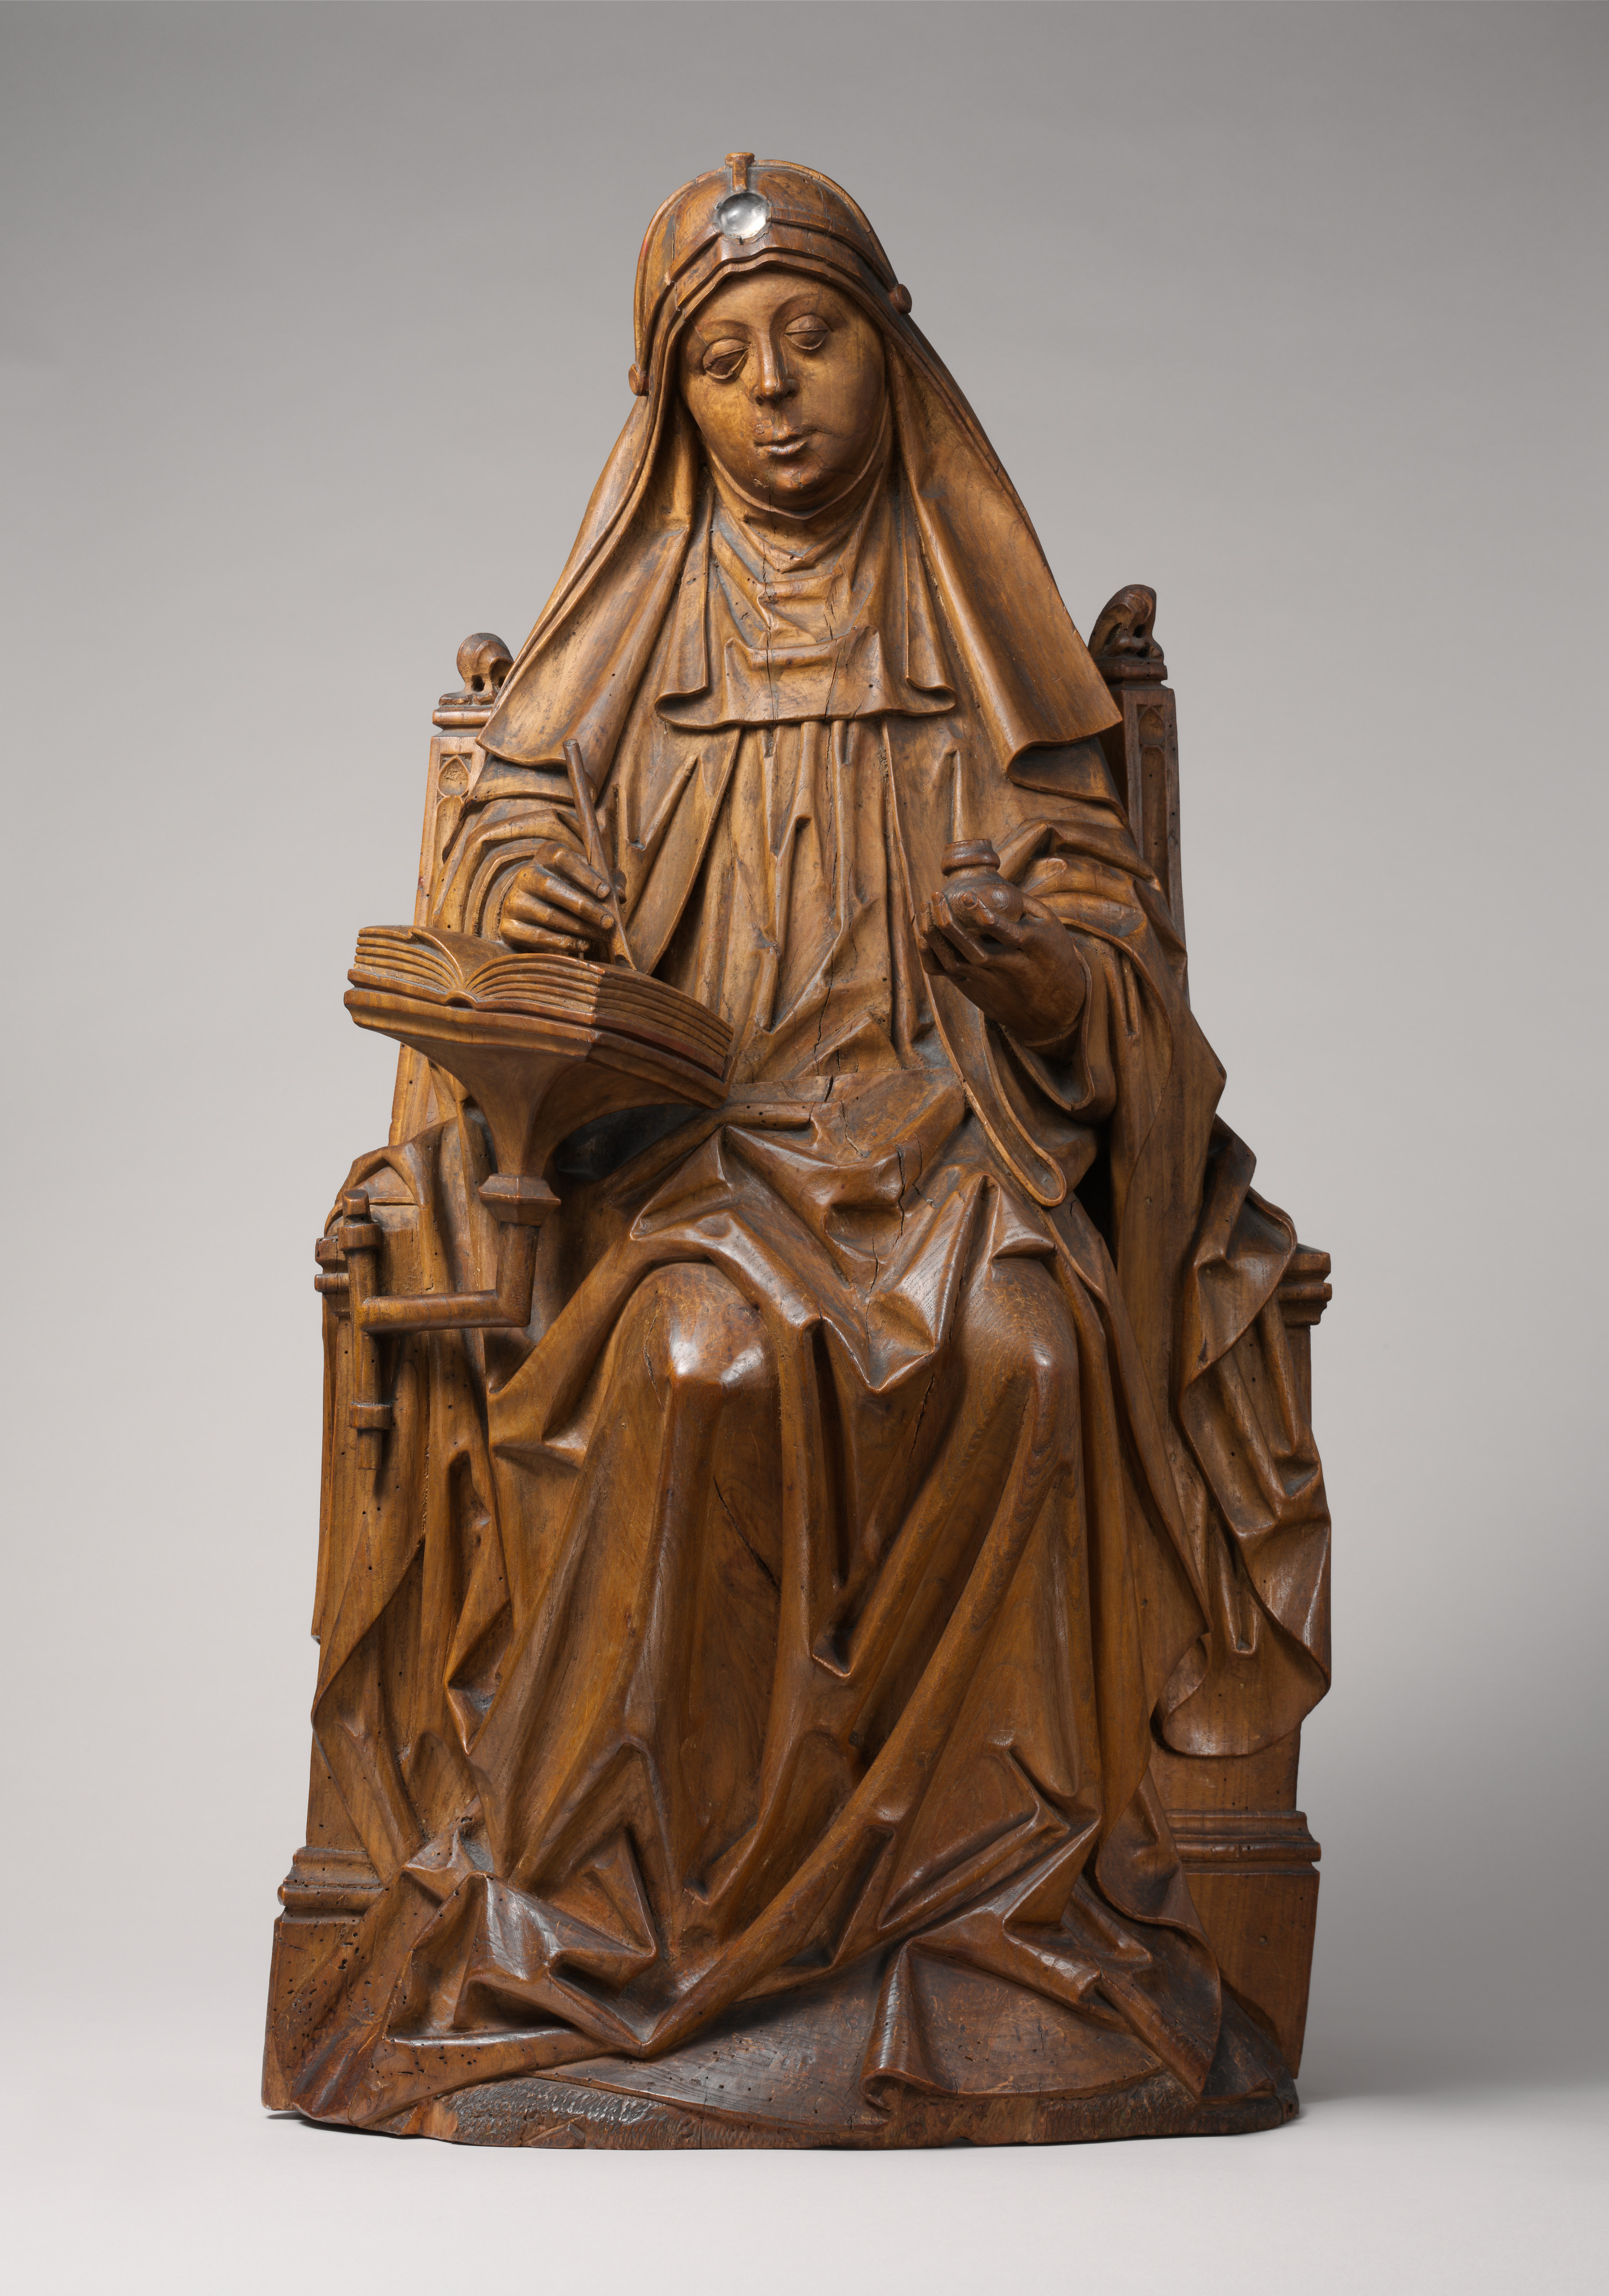 Meister von Soeterbeeck, Die hl. Birgitta bei der Niederschrift ihrer Offenbarungen, um 1470, The Metropolitan Museum of Art, New York